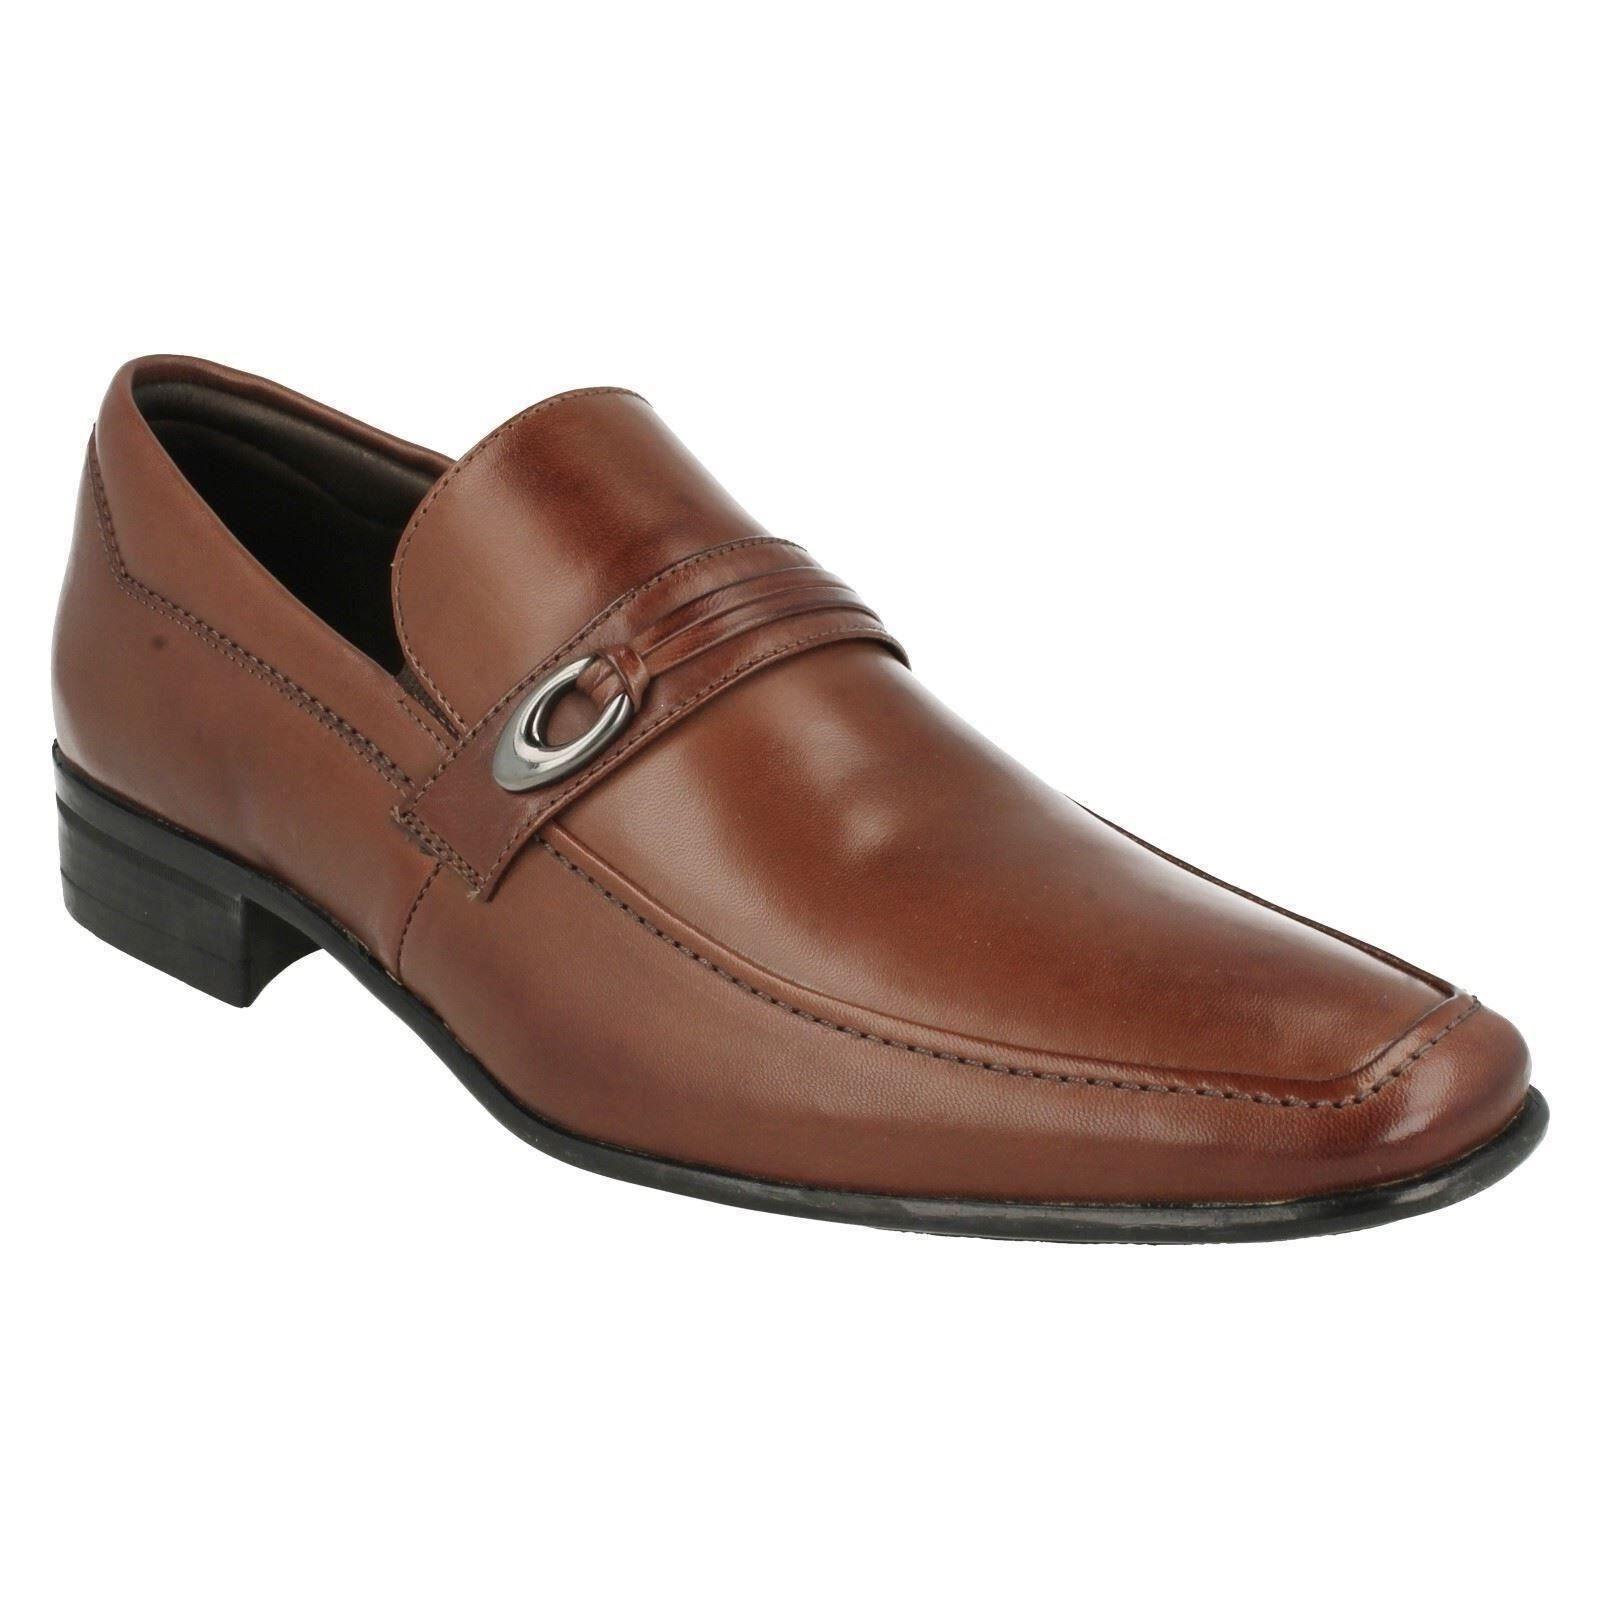 Zapatos de mujer baratos zapatos de mujer CLARKS Tilden Plain hombre Gibson Zapato